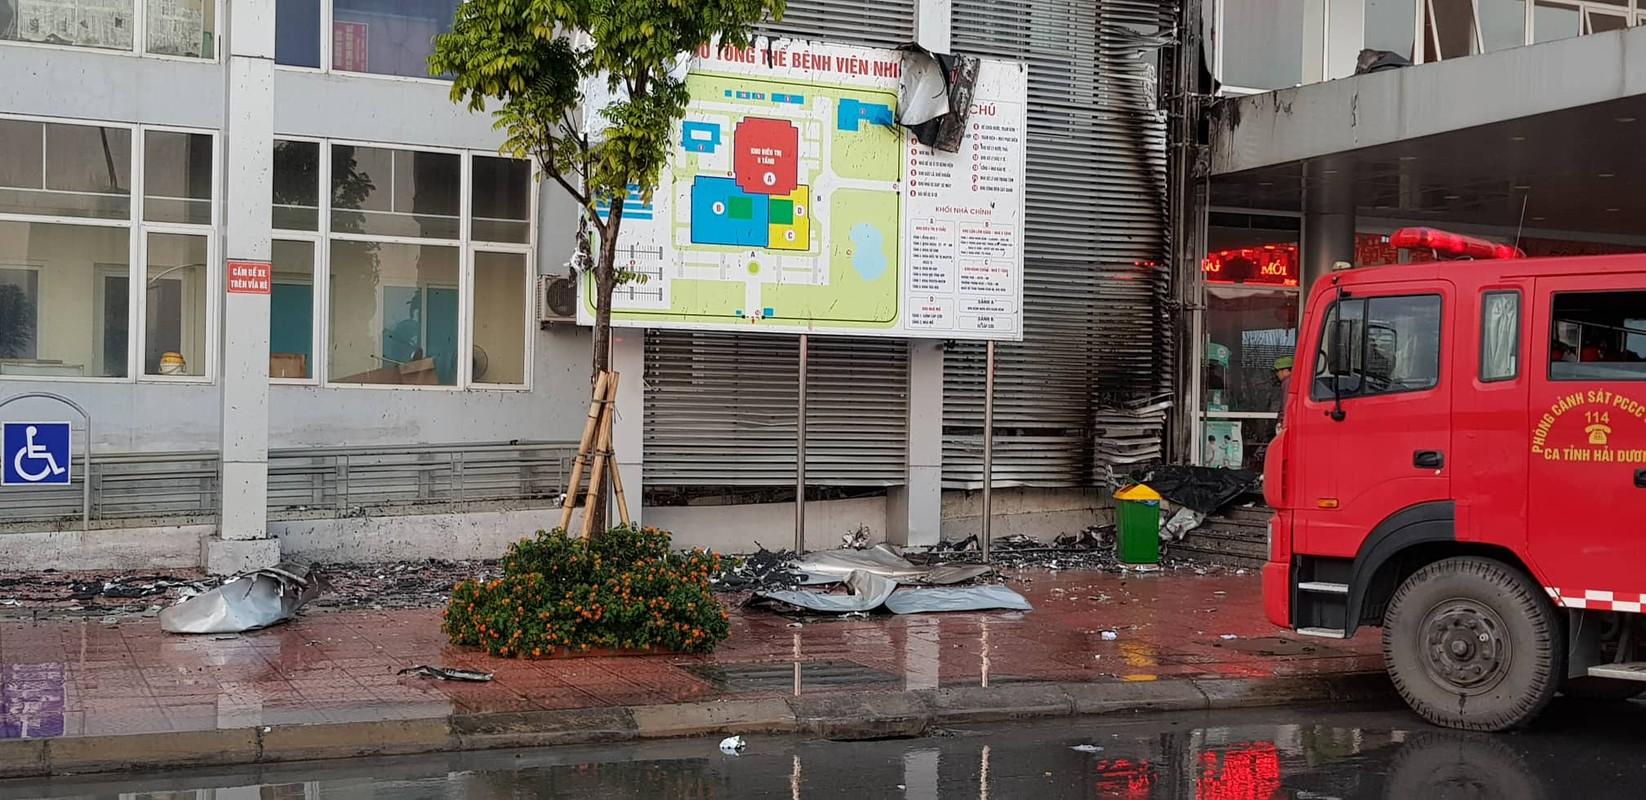 Chay Benh vien Nhi Hai Duong, nguoi nha benh nhan hoang loan-Hinh-6